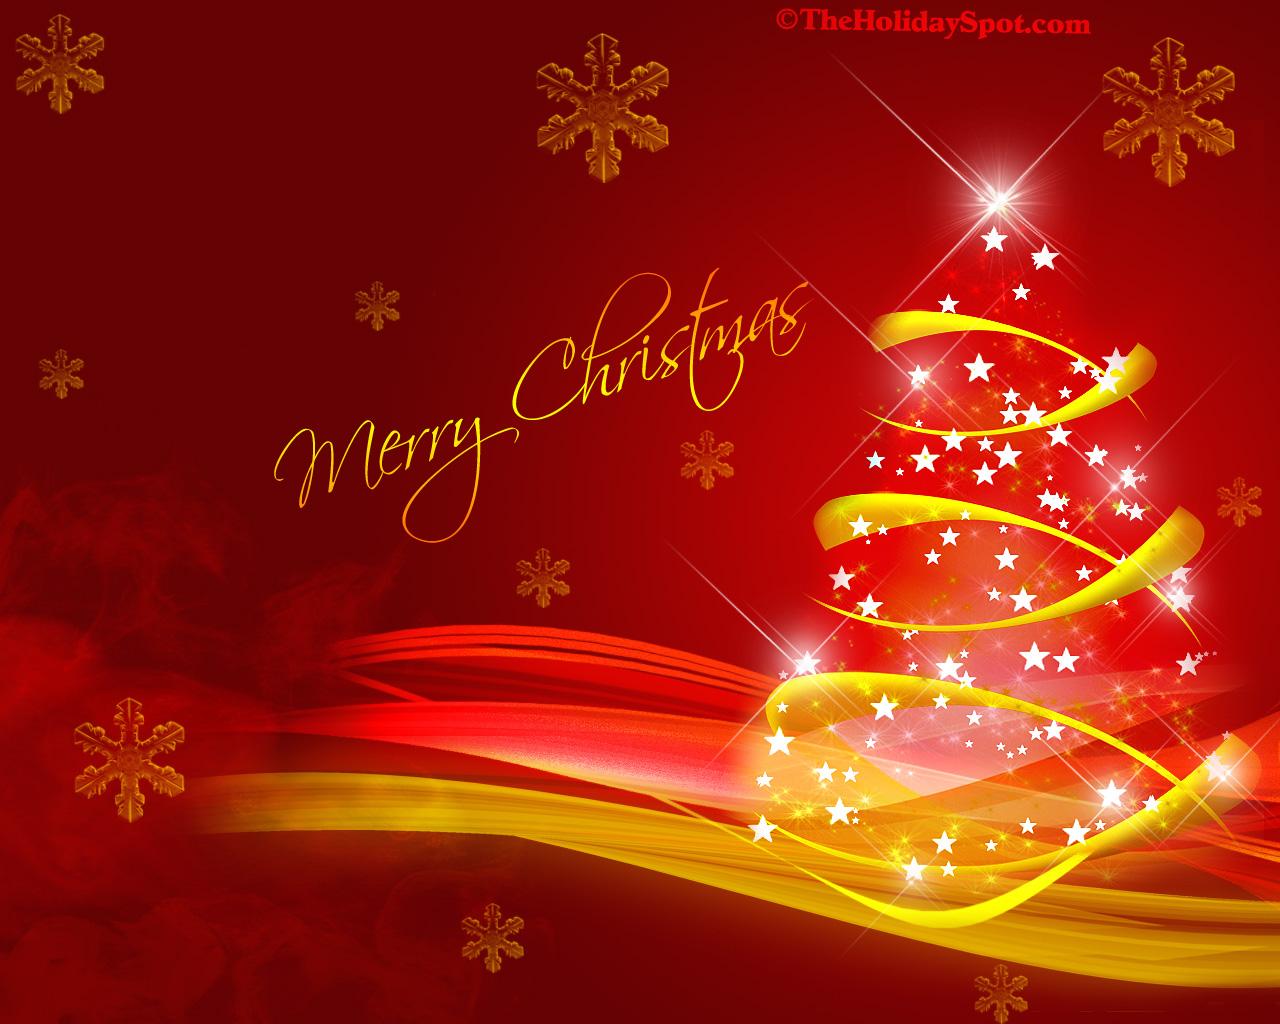 1280x1024 Christmas Wallpapers   1280x1024 High quality Christmas tree 1280x1024